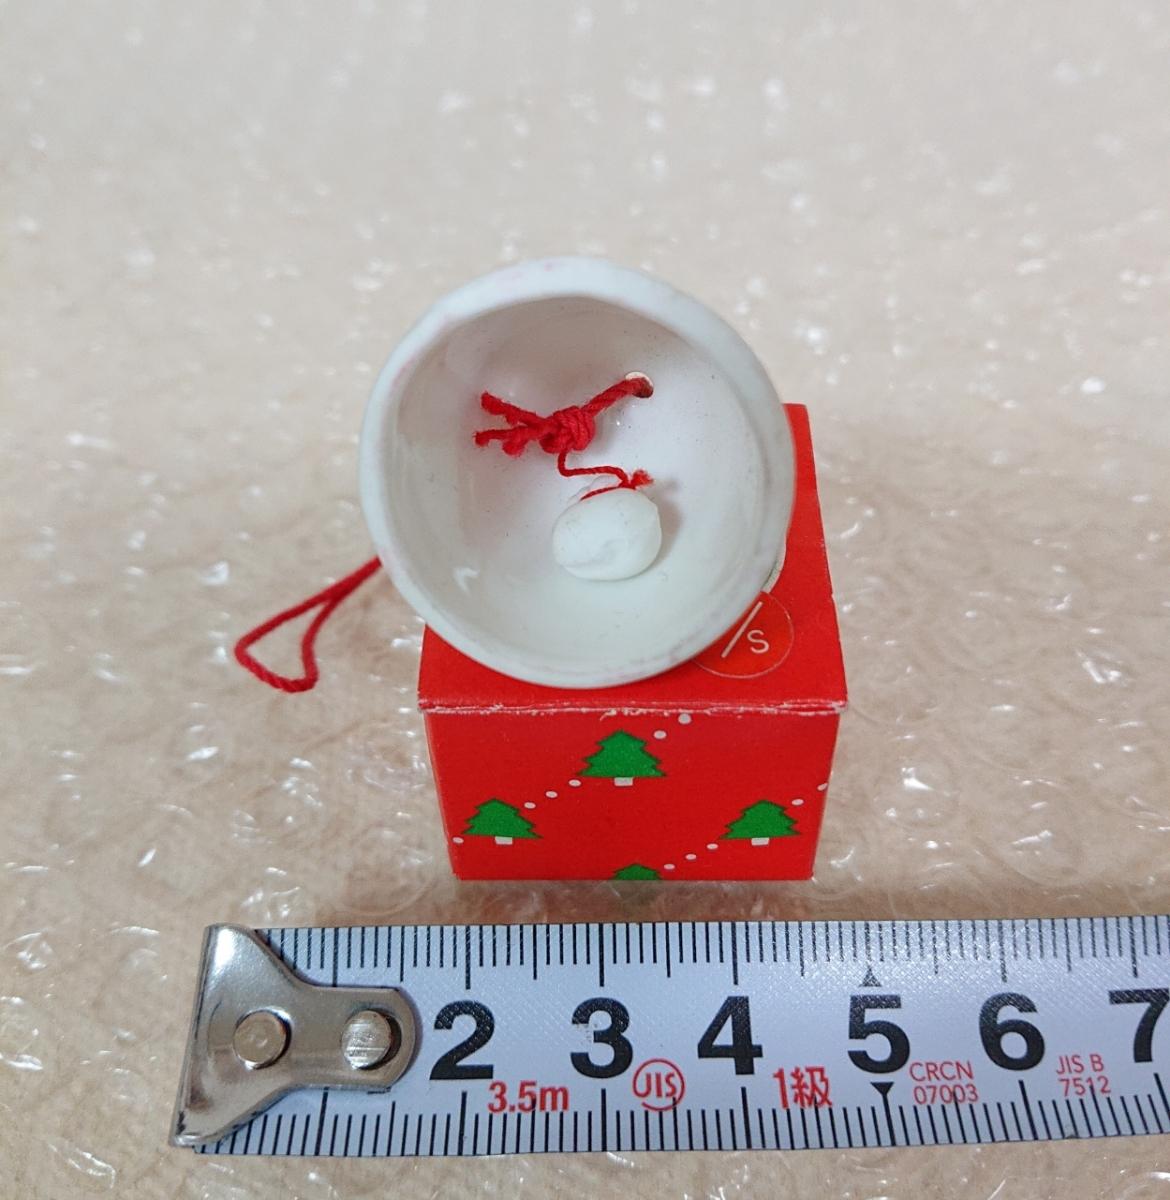 昭和レトロ サンリオ 1976年 Little Twin Stars キキララ 陶器製 ベル クリスマス マスコット ミニチュア 当時もの SANRIO _画像3